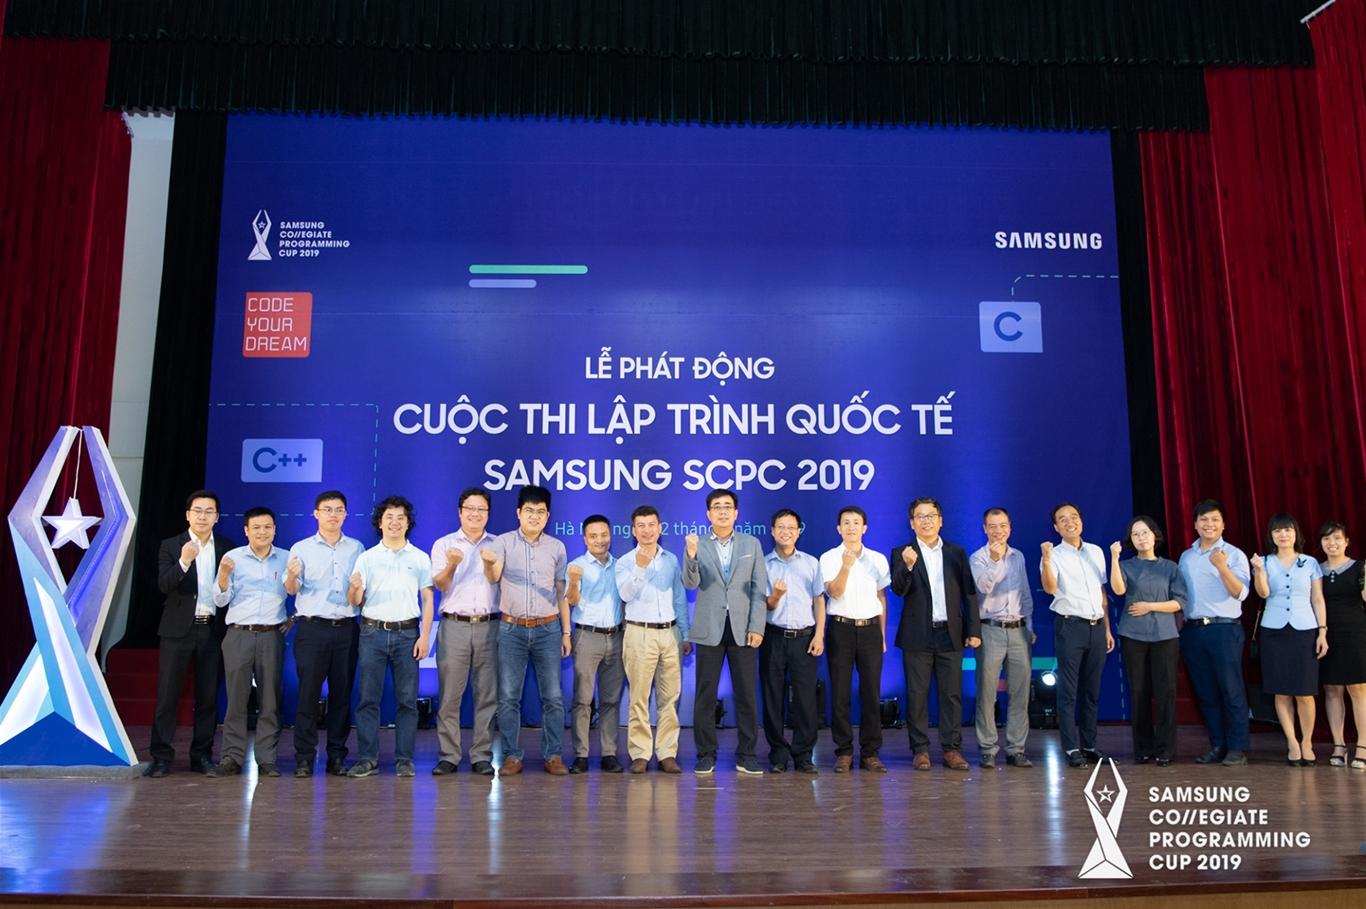 Lễ phát động cuộc thi Lập trình Quốc tế Samsung SCPC 2019